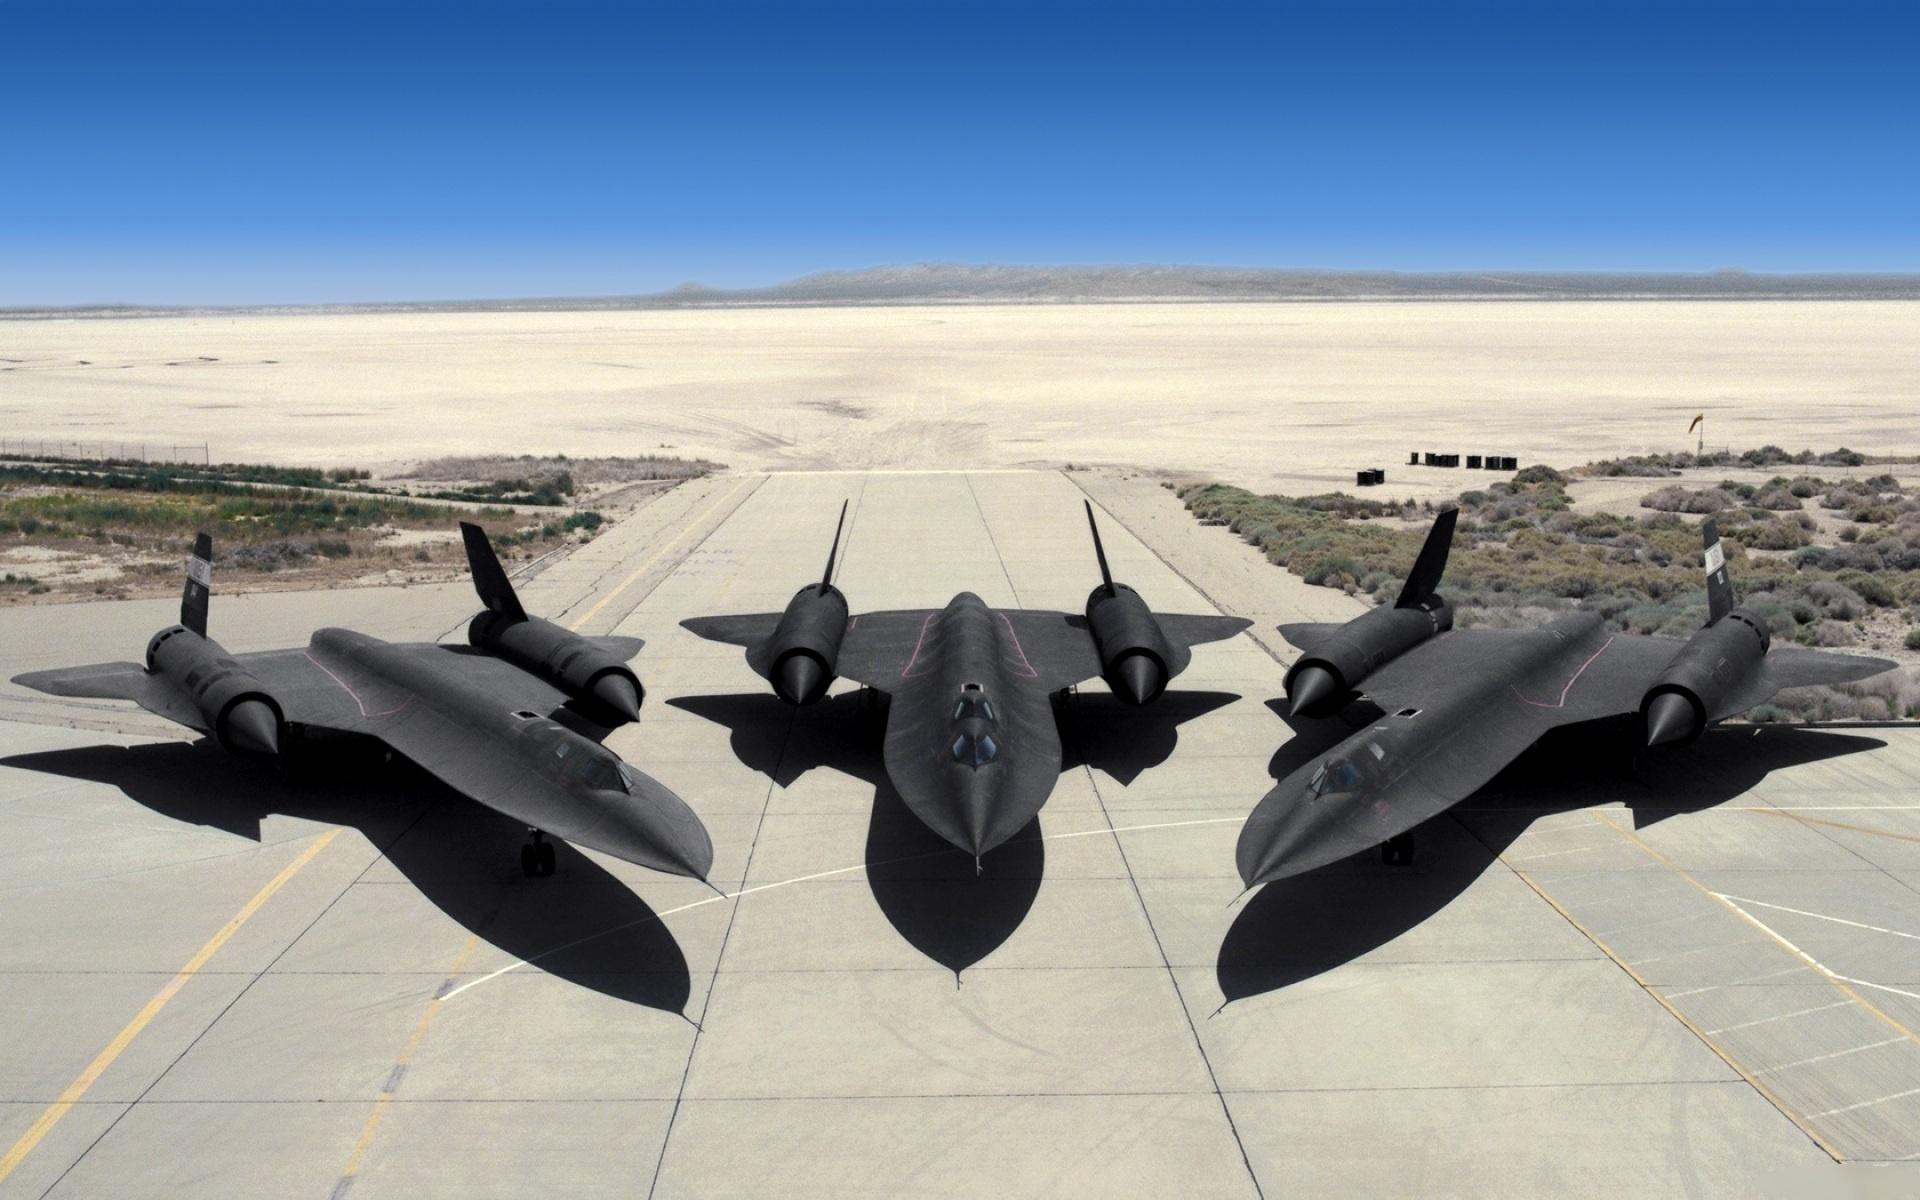 Военные самолеты разветчики бесплатно